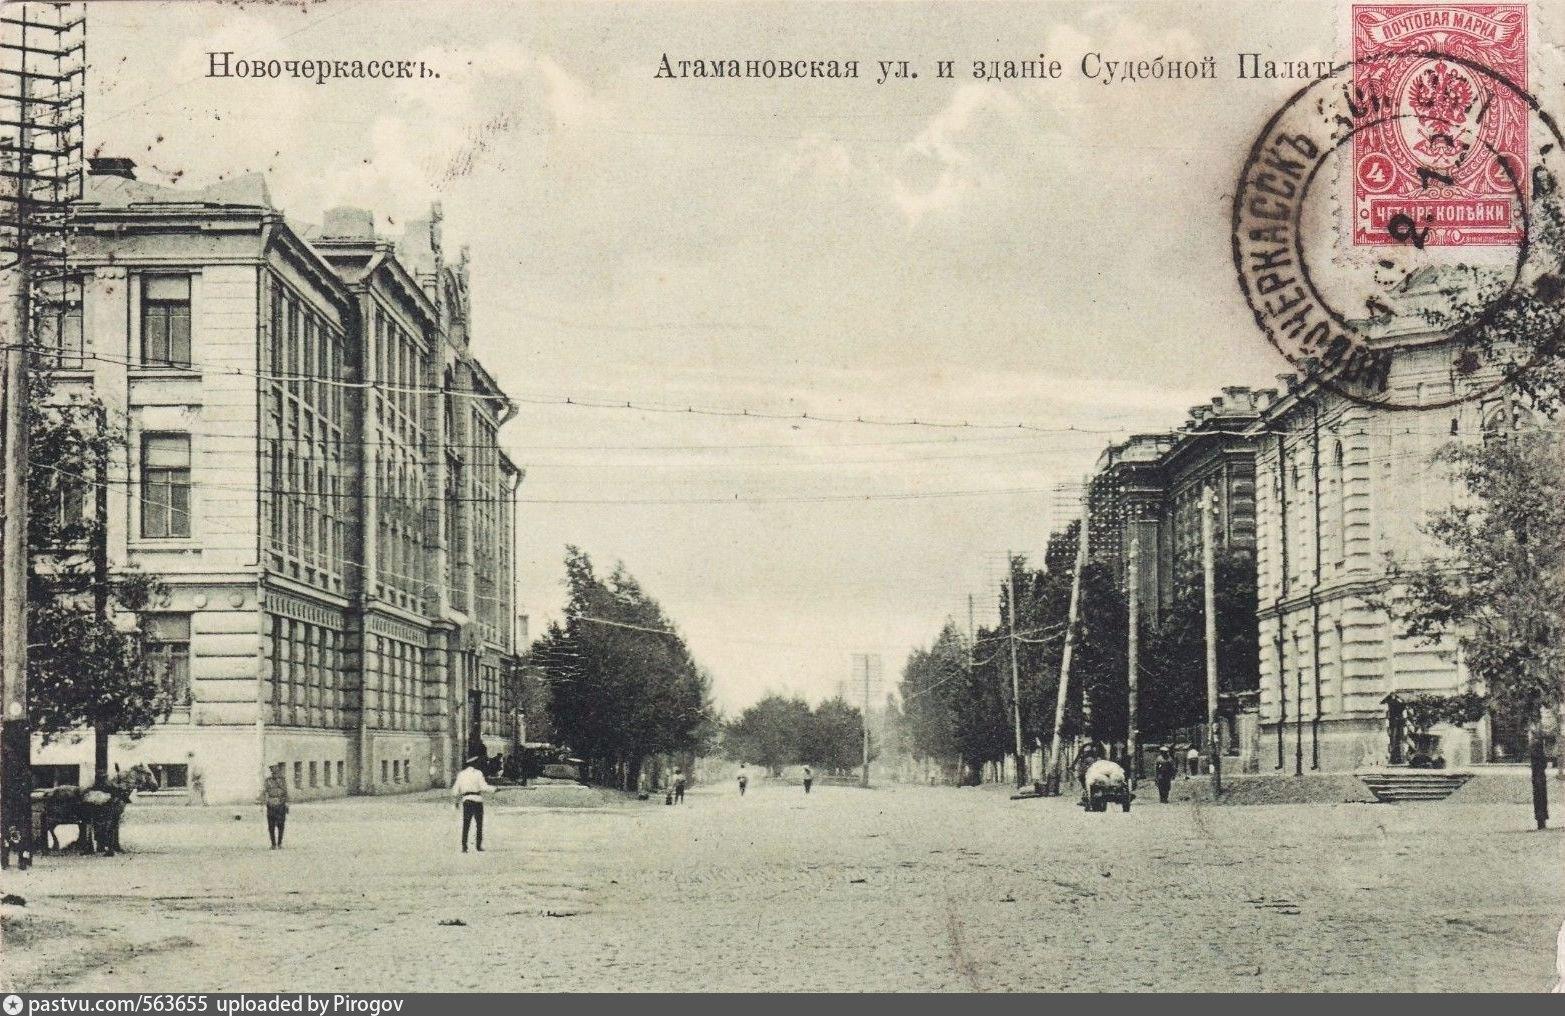 Атамановская улица и здание Судебной палаты